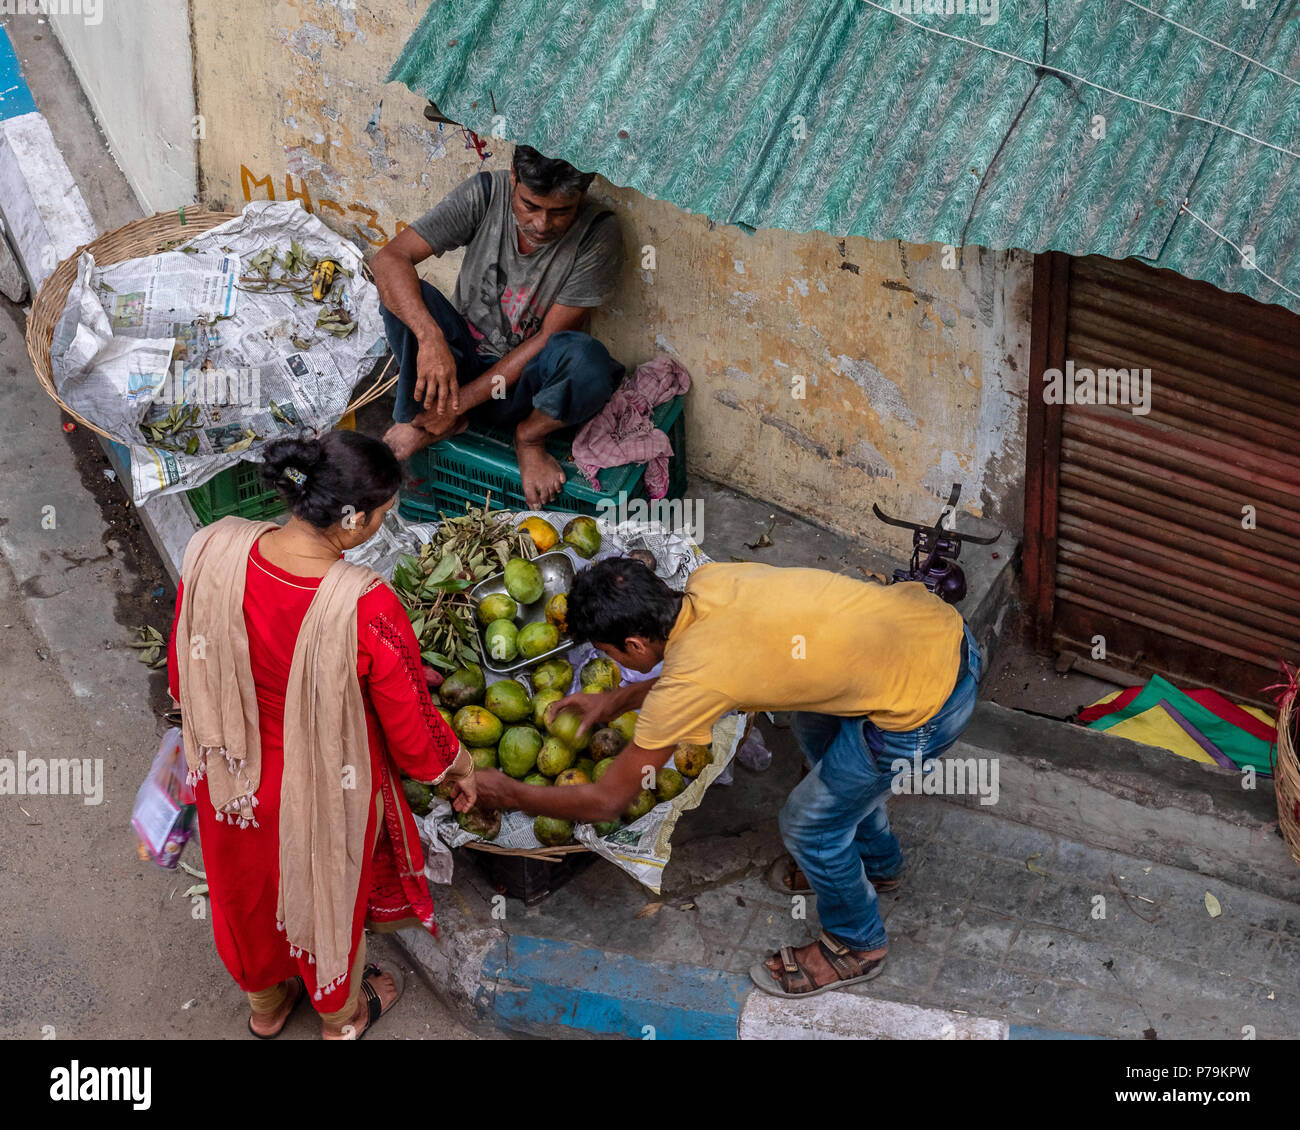 June 19,2018. Kolkata, Inde. Vendeur de fruits vente de fruits sur le bord de la route à Kolkata. Photo Stock